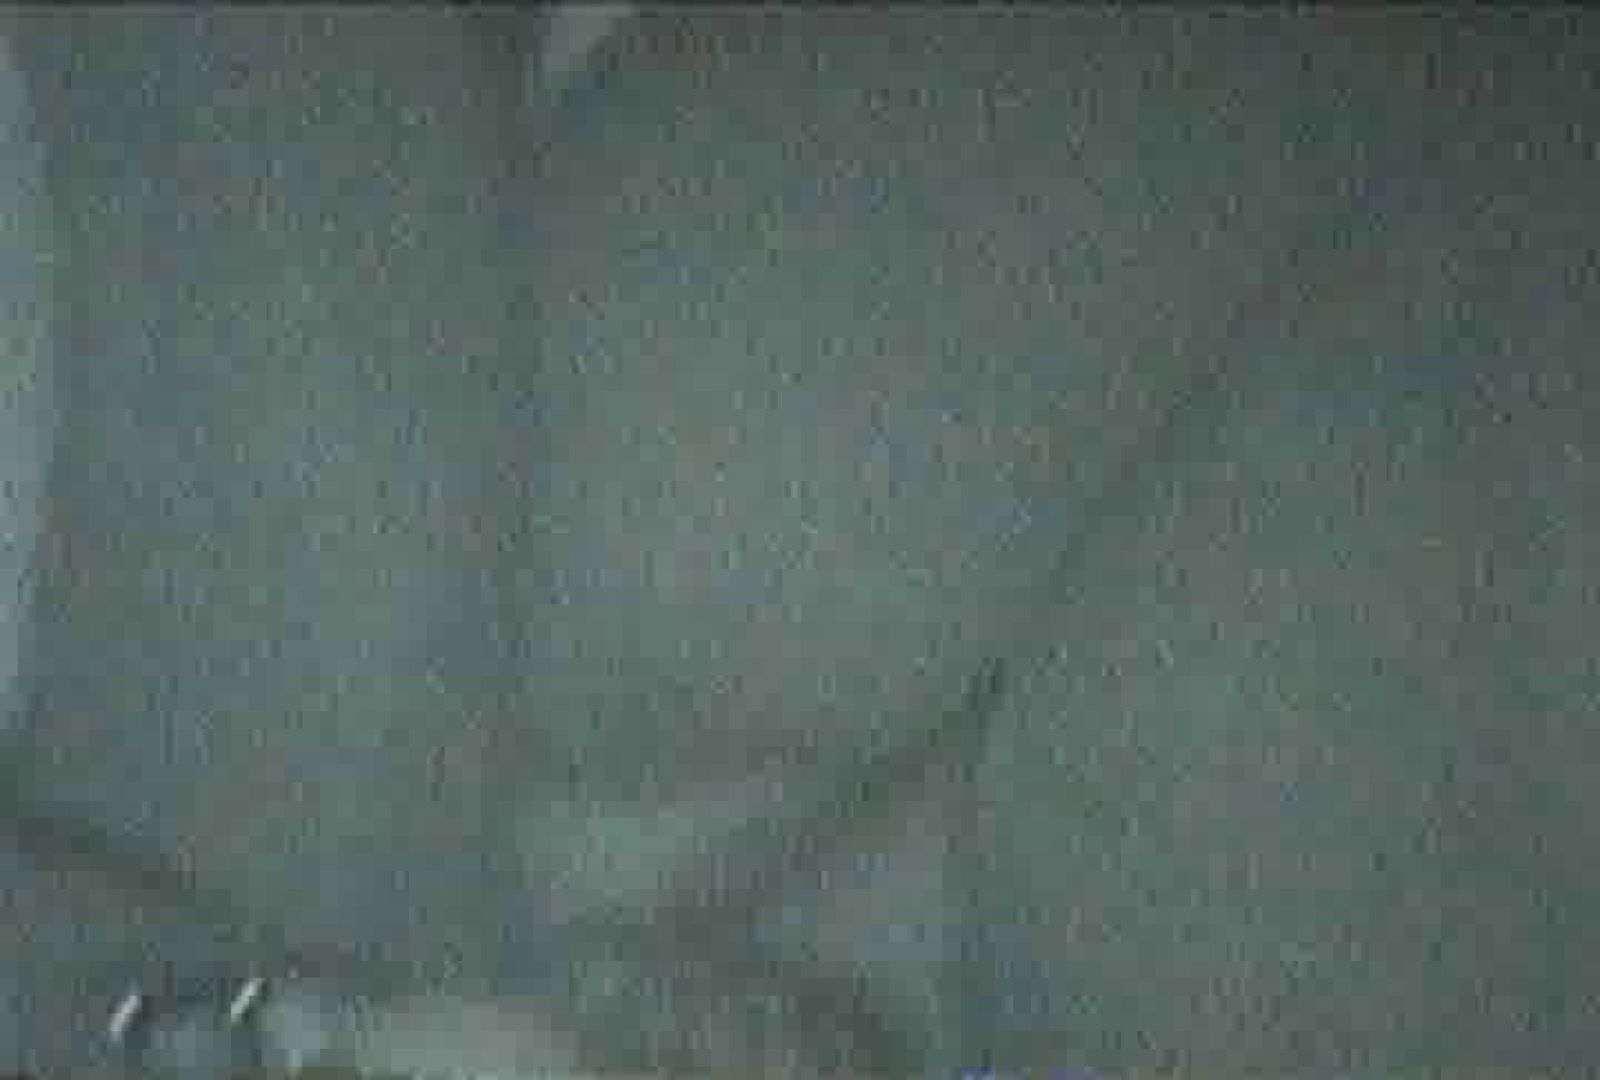 充血監督の深夜の運動会Vol.99 ギャル オマンコ動画キャプチャ 75PIX 66